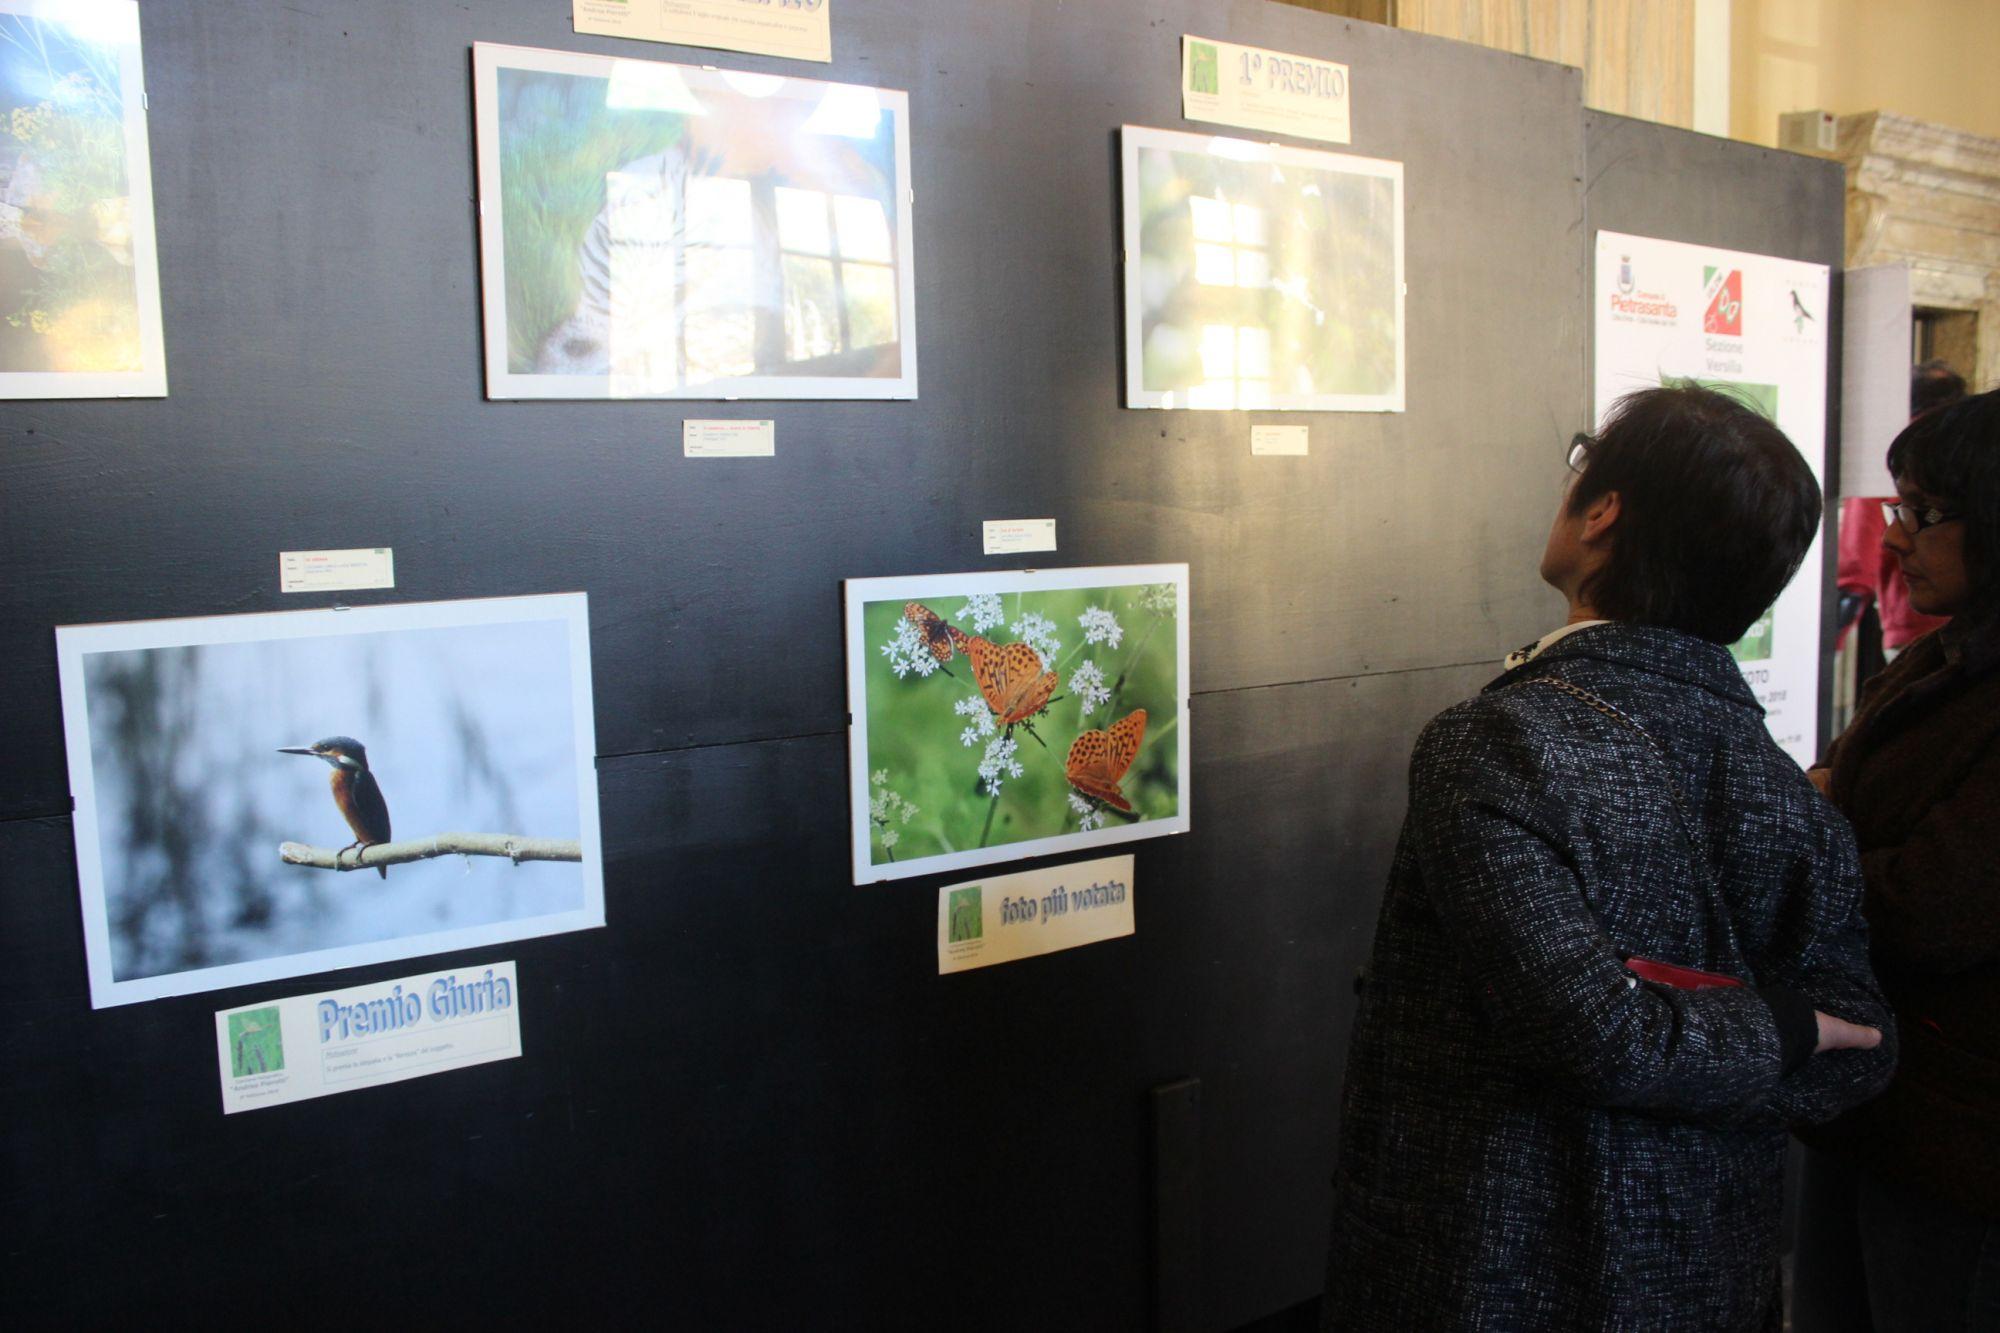 Natura in mostra con la Uildm, 40 scatti per il concorso Andrea Pierotti